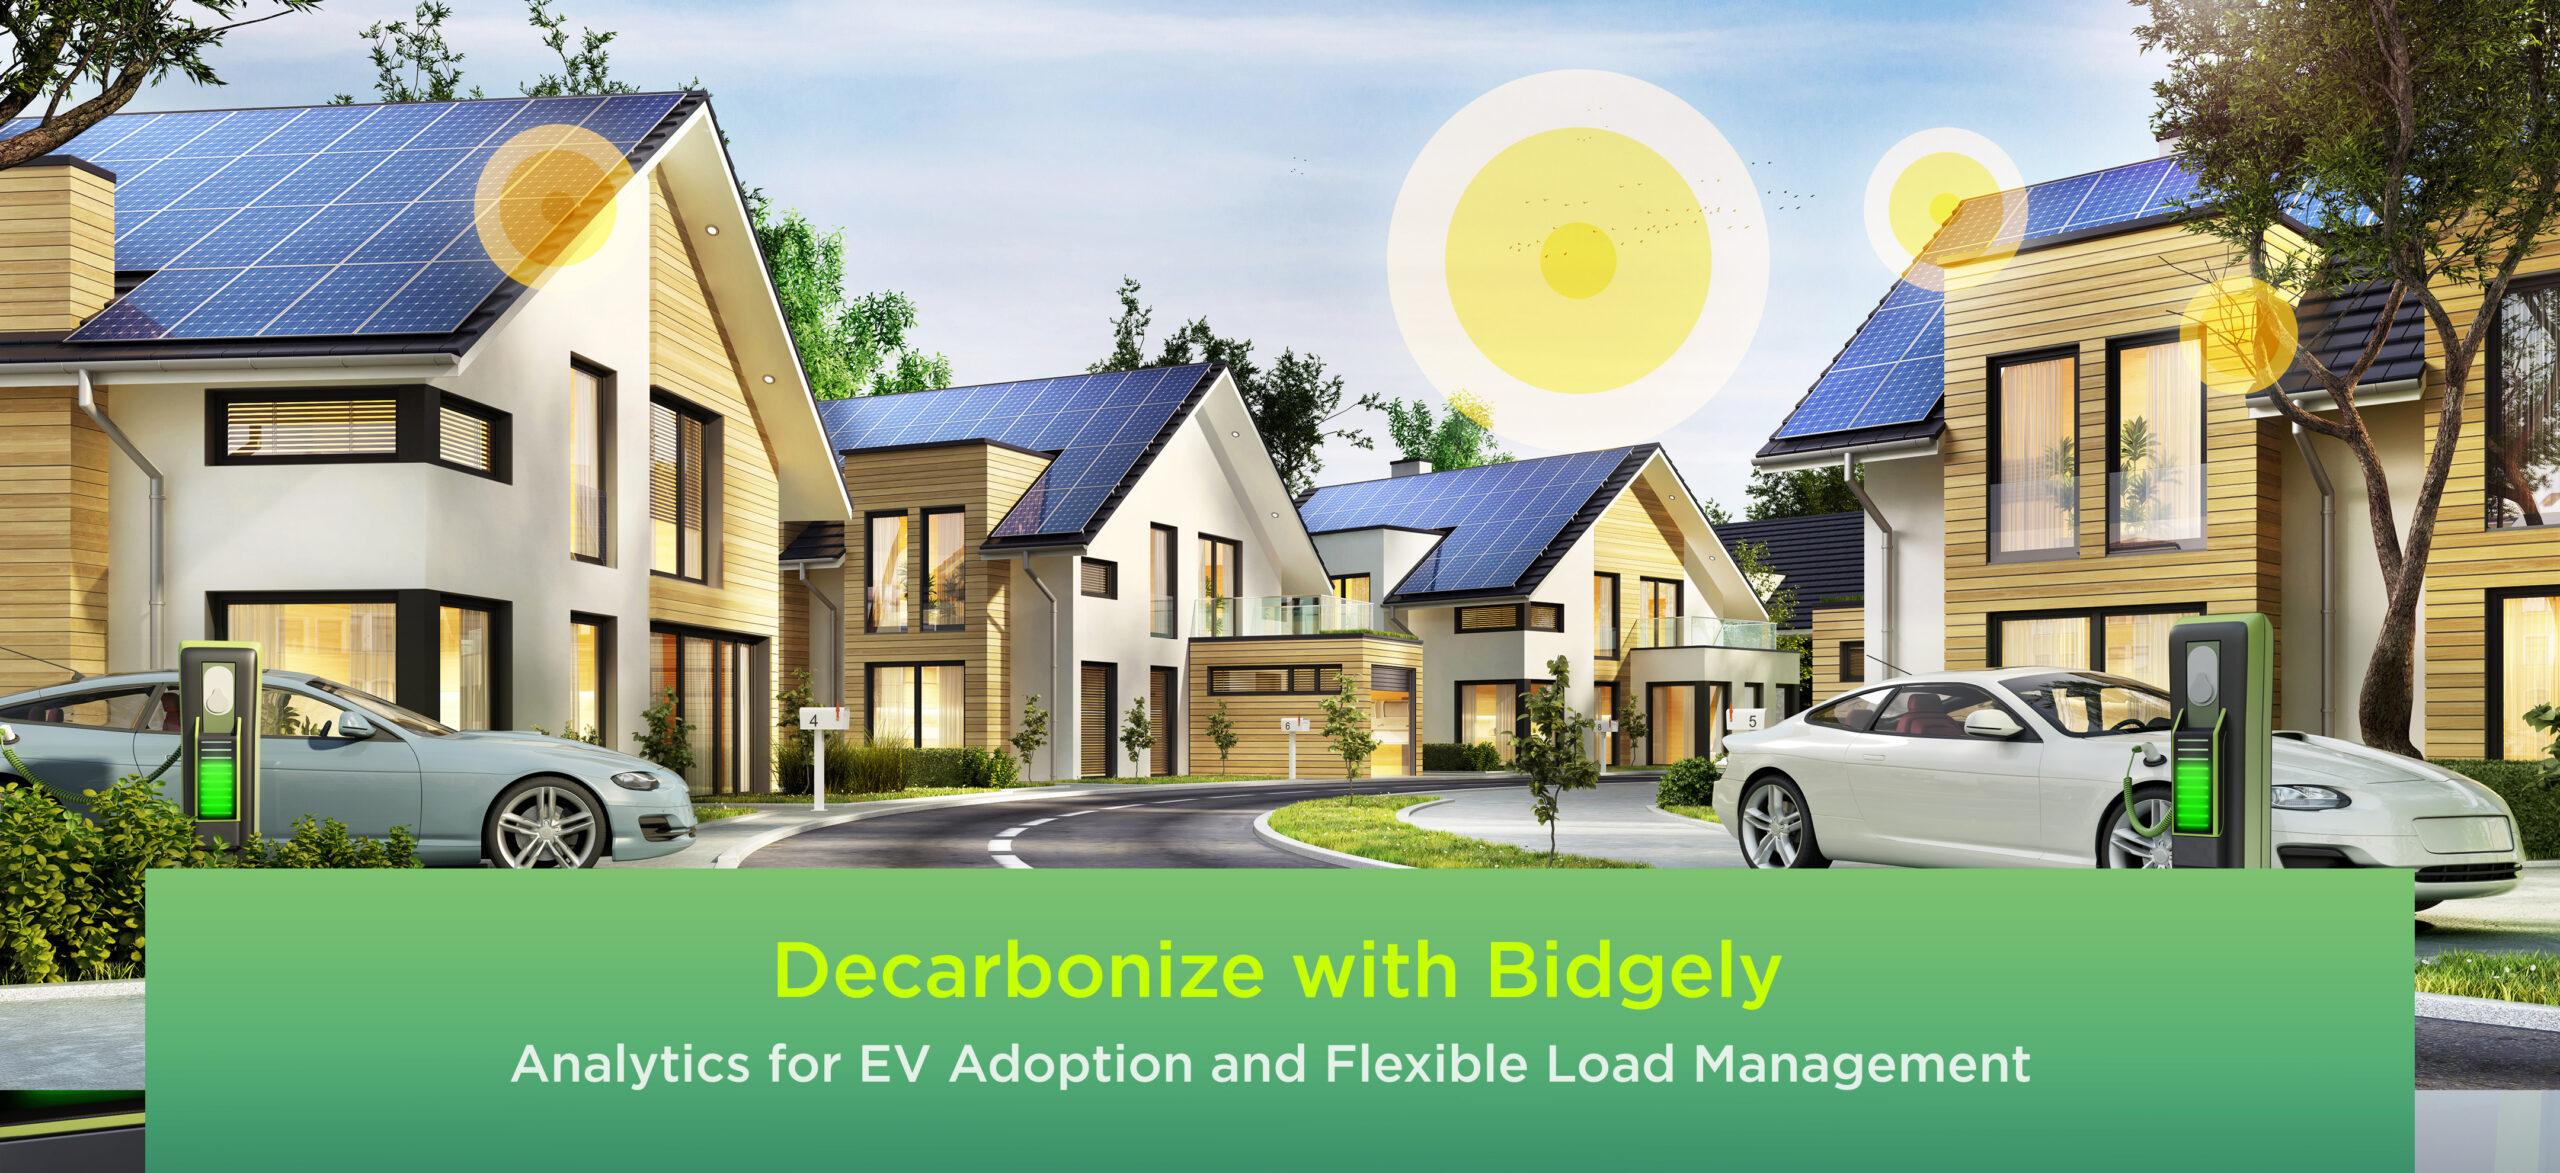 Decarbonize with Bidgely